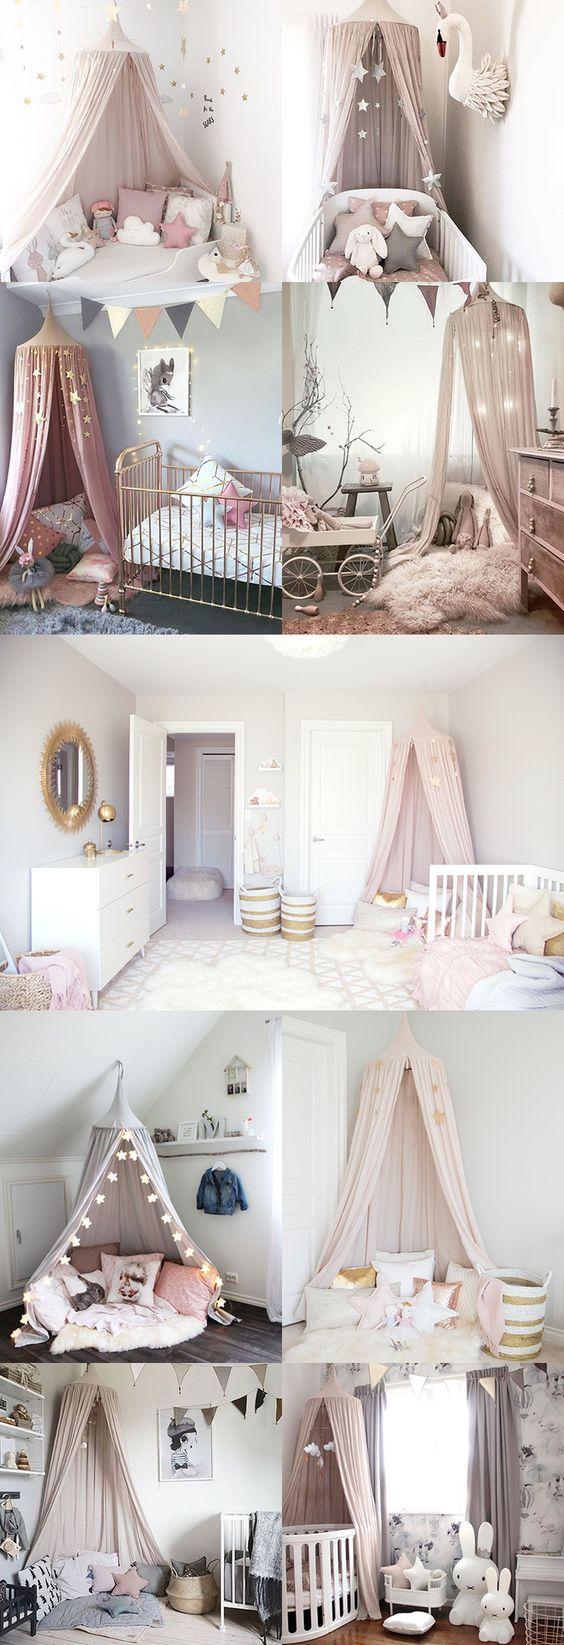 بالصور ديكورات غرف اطفال بنات , اجمل صور ديكورات حجر نوم بناتي 718 3